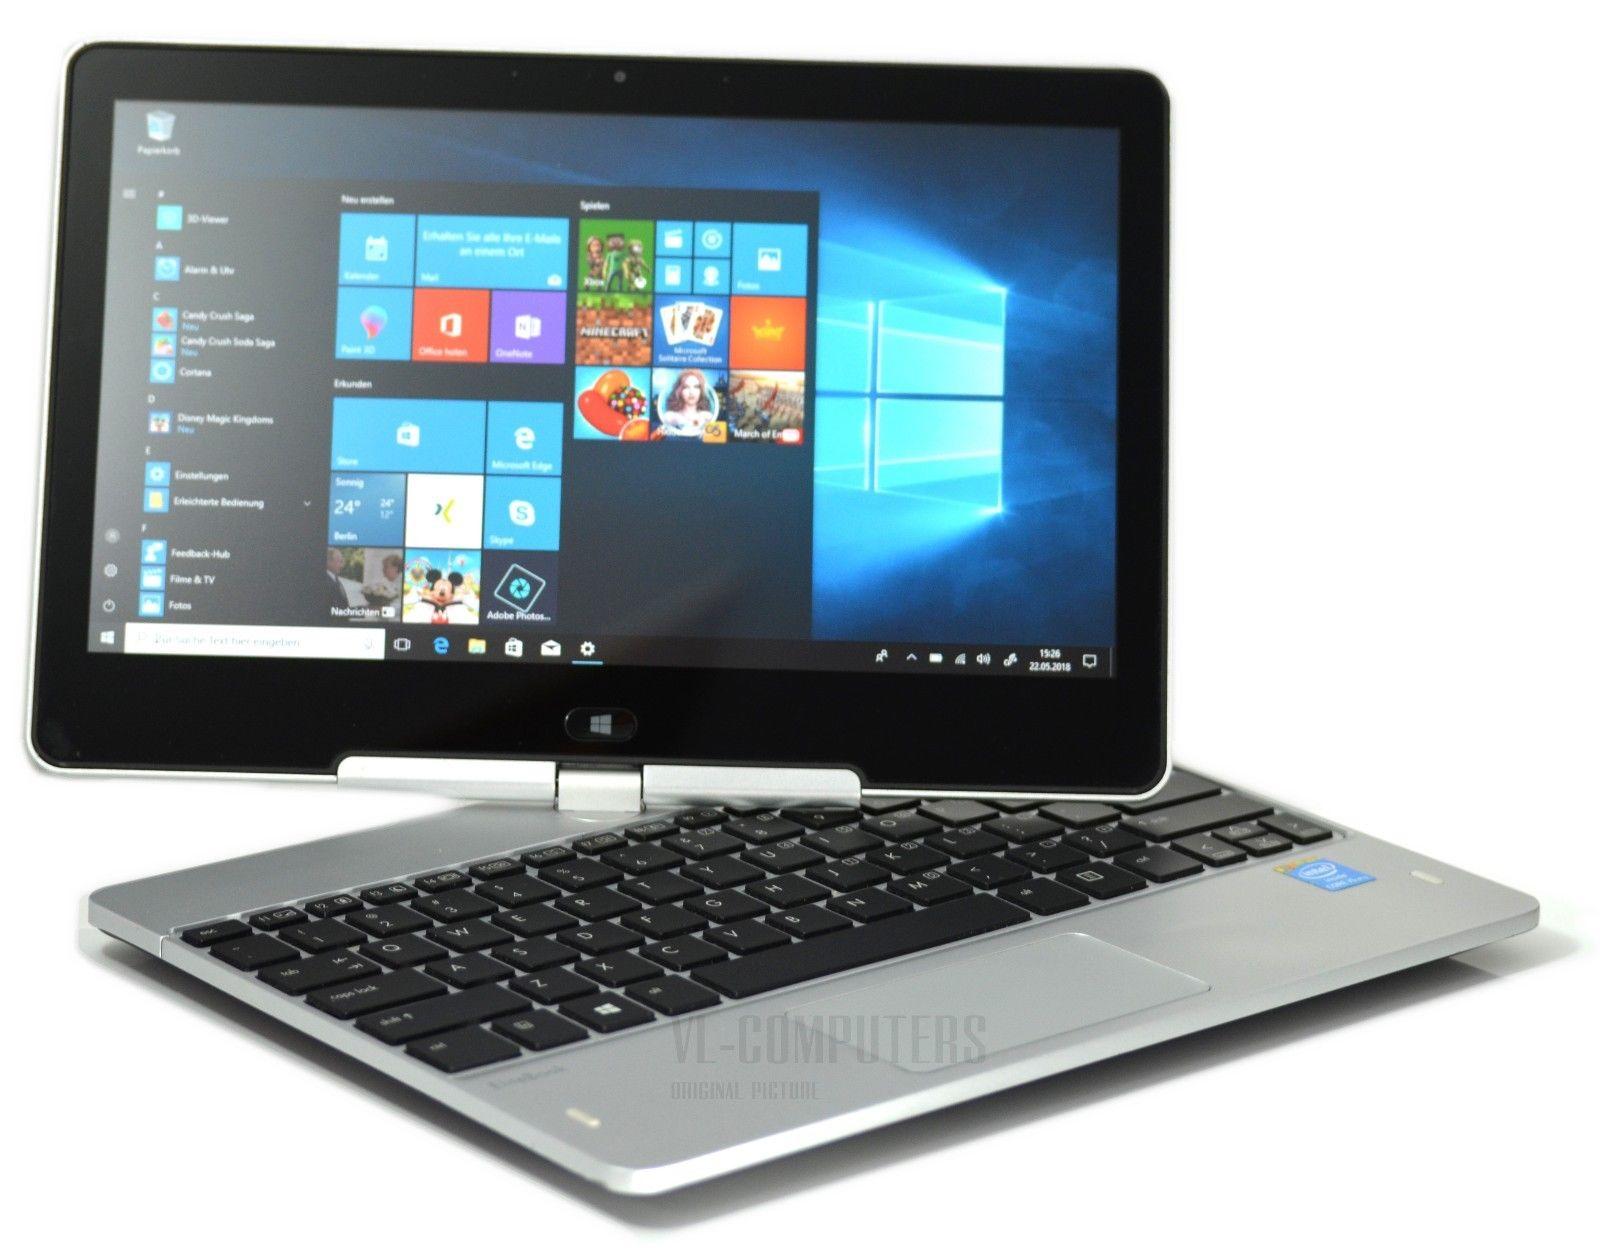 HP EliteBook Revolve 810 G2 i5-4300U 8GB RAM 256GB SSD 11,6